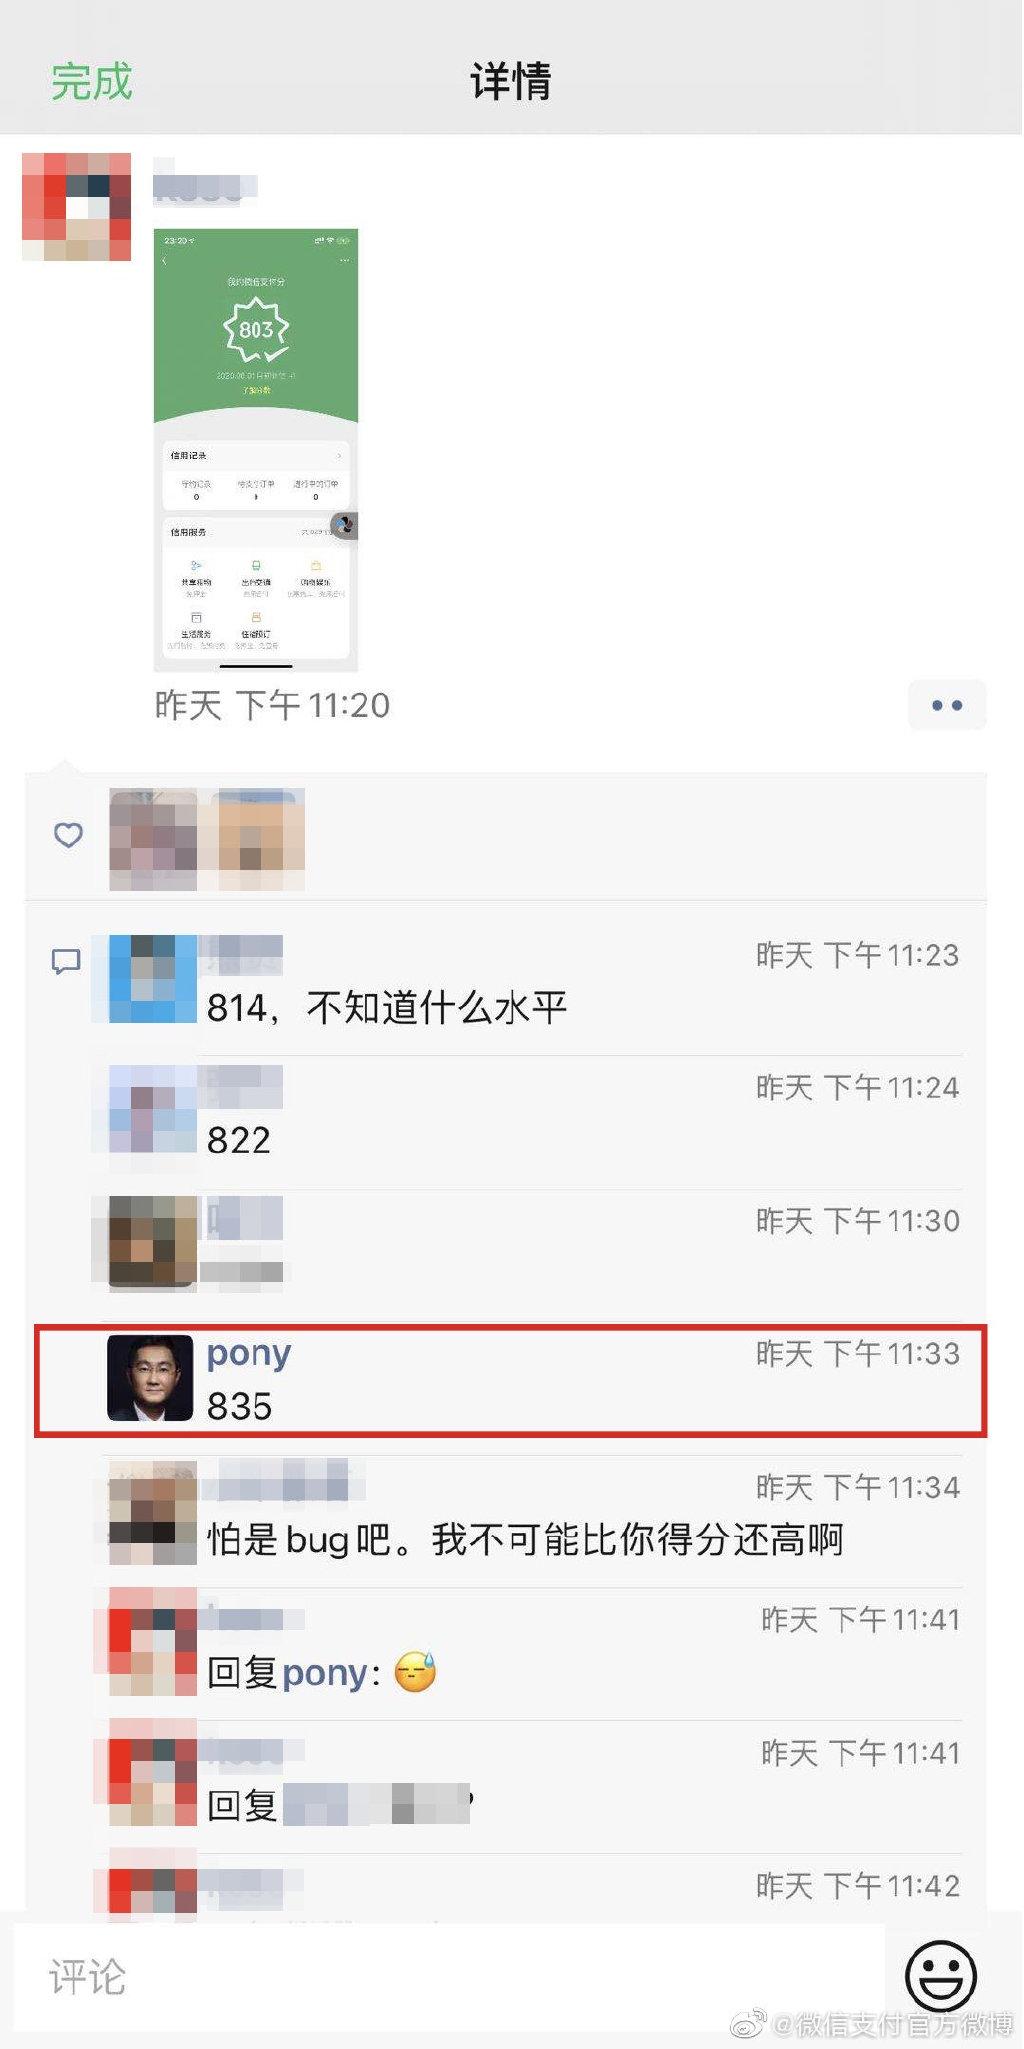 马化腾朋友圈晒微信支付分求挑战 10分钟后被超越